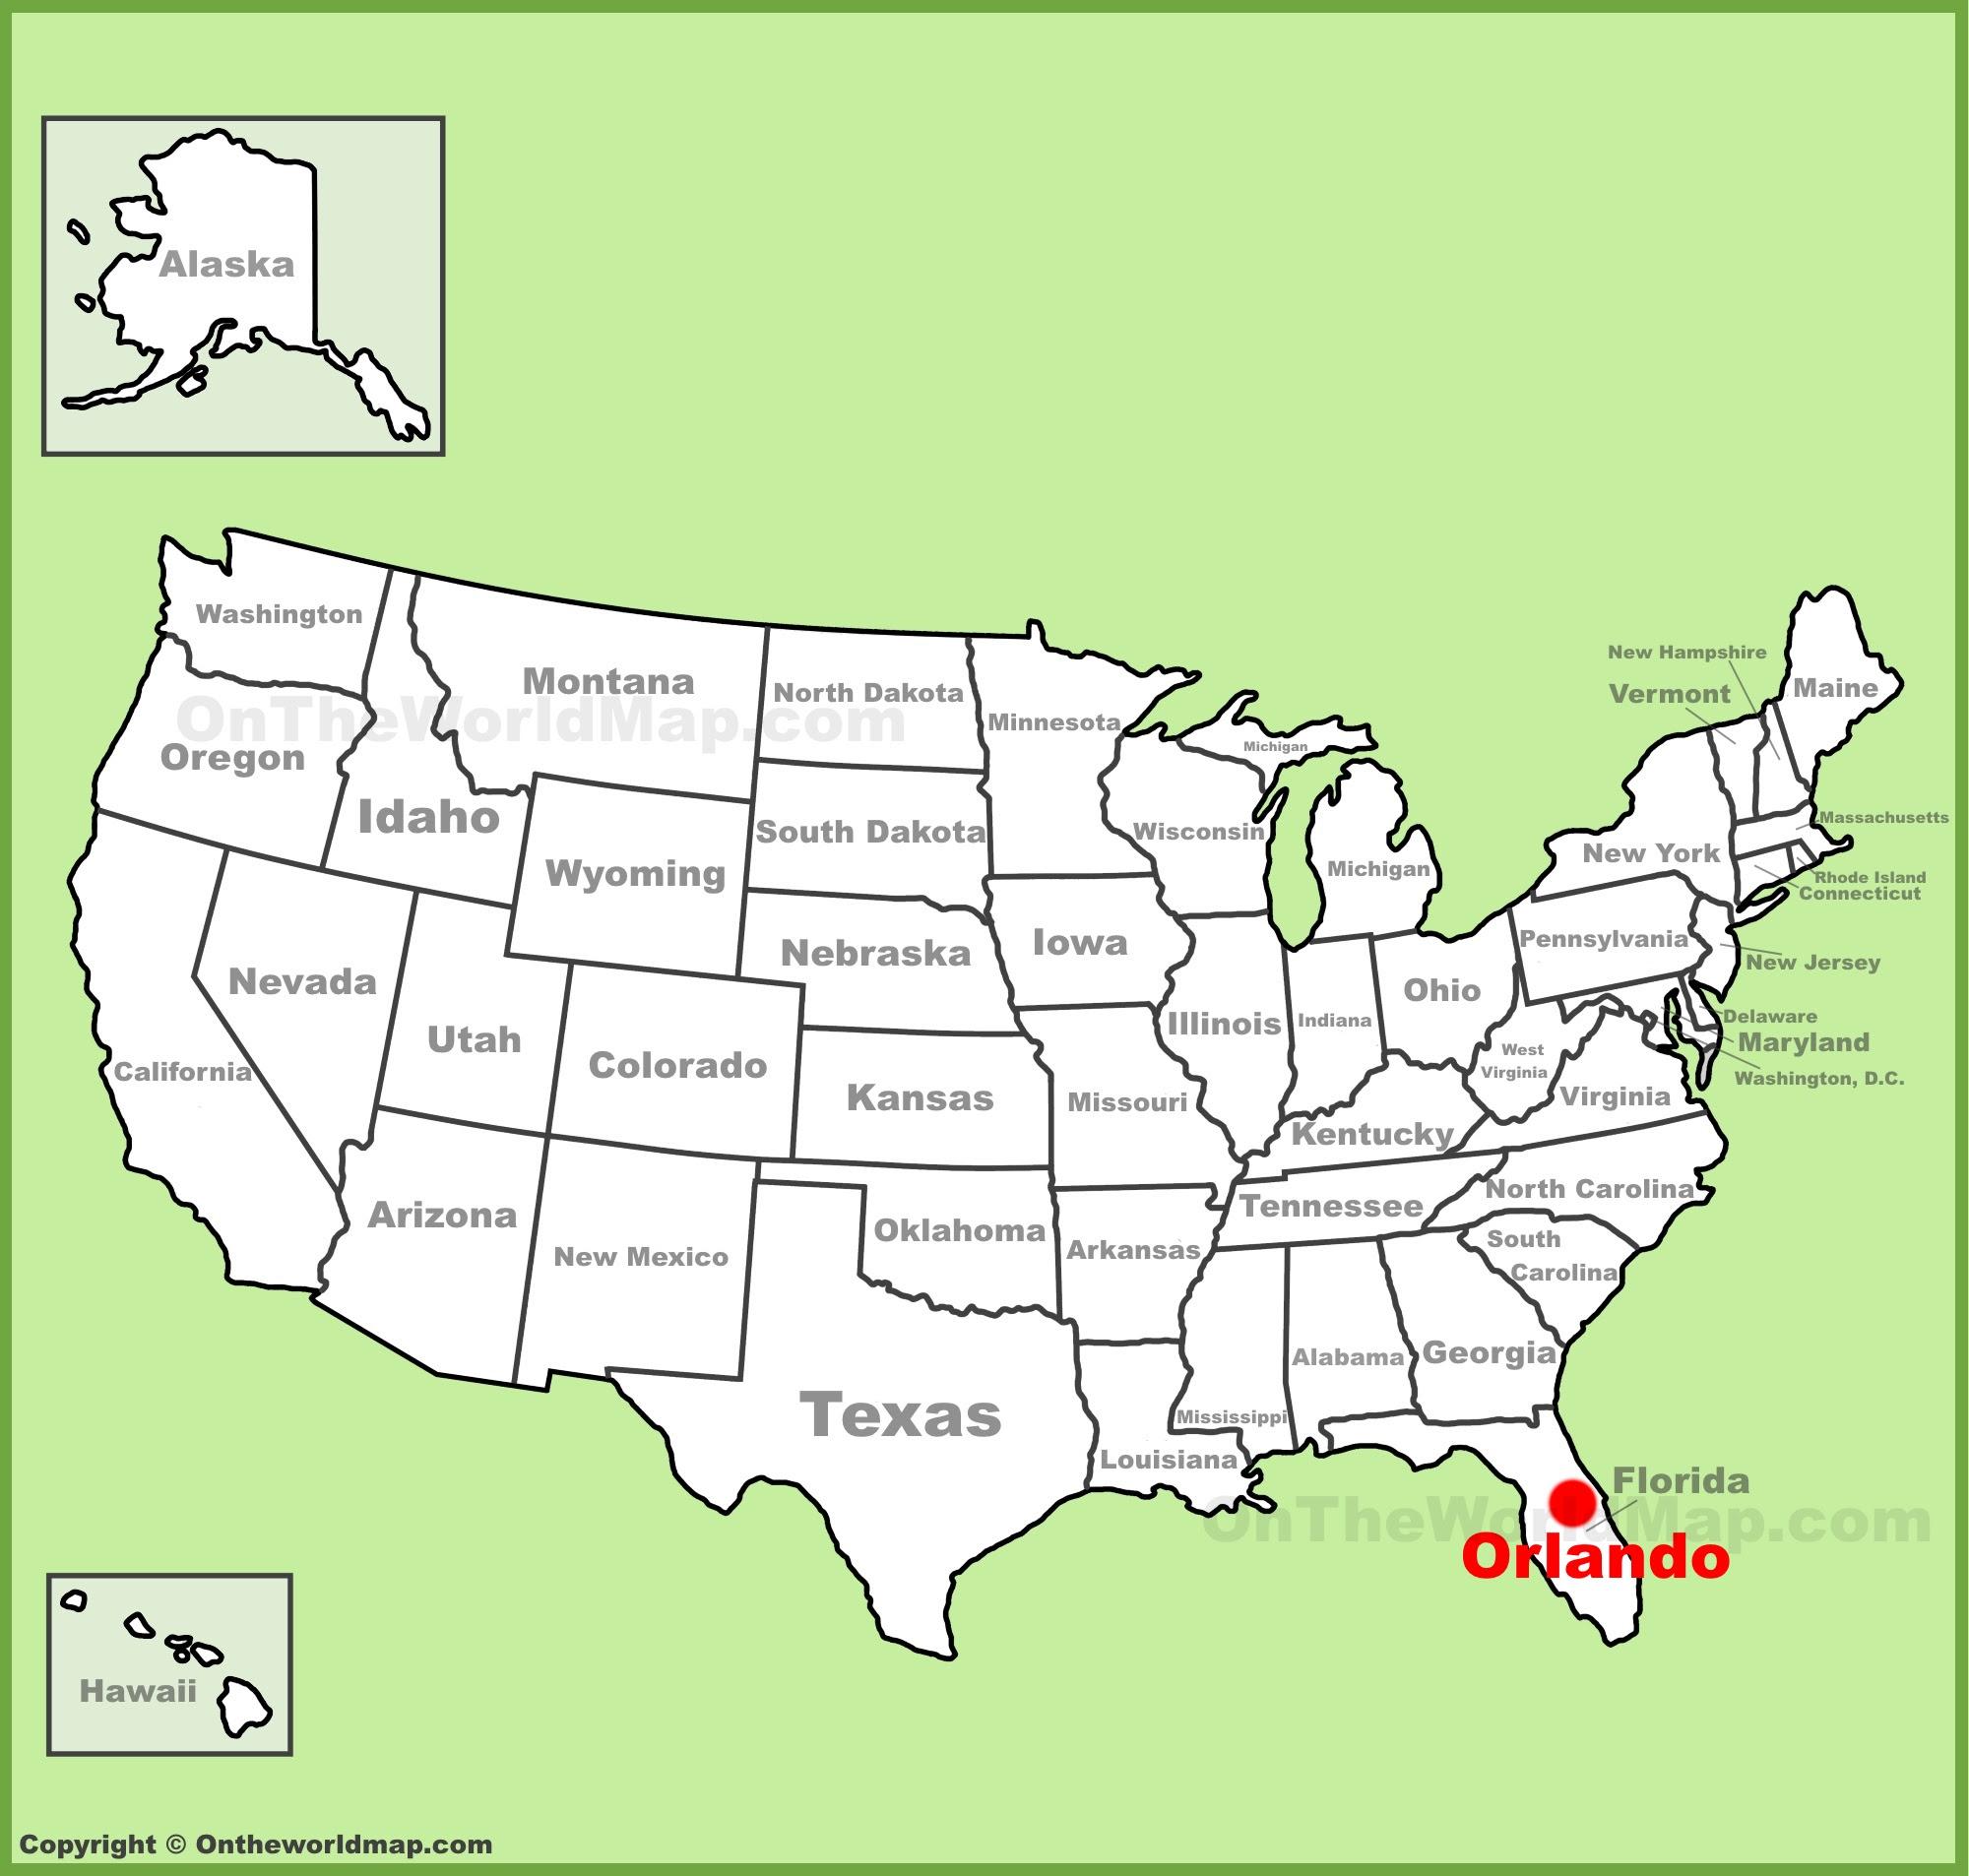 Orlando Maps Florida U S Maps Of Orlando